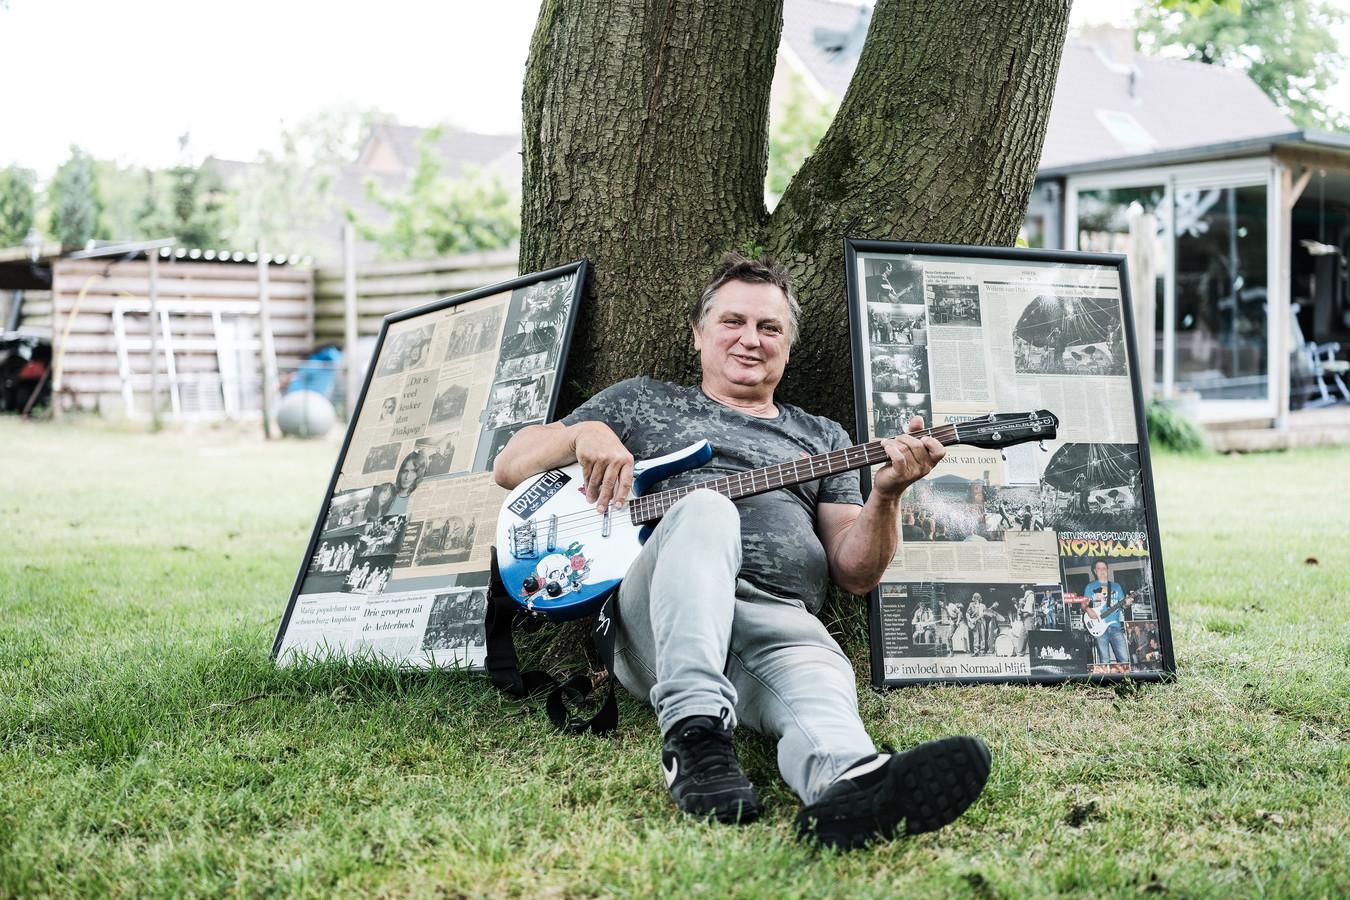 Willem van Dijk met een collage aan herinneringen van zijn tijd als bassist van Normaal. Foto Jan van den Brink.